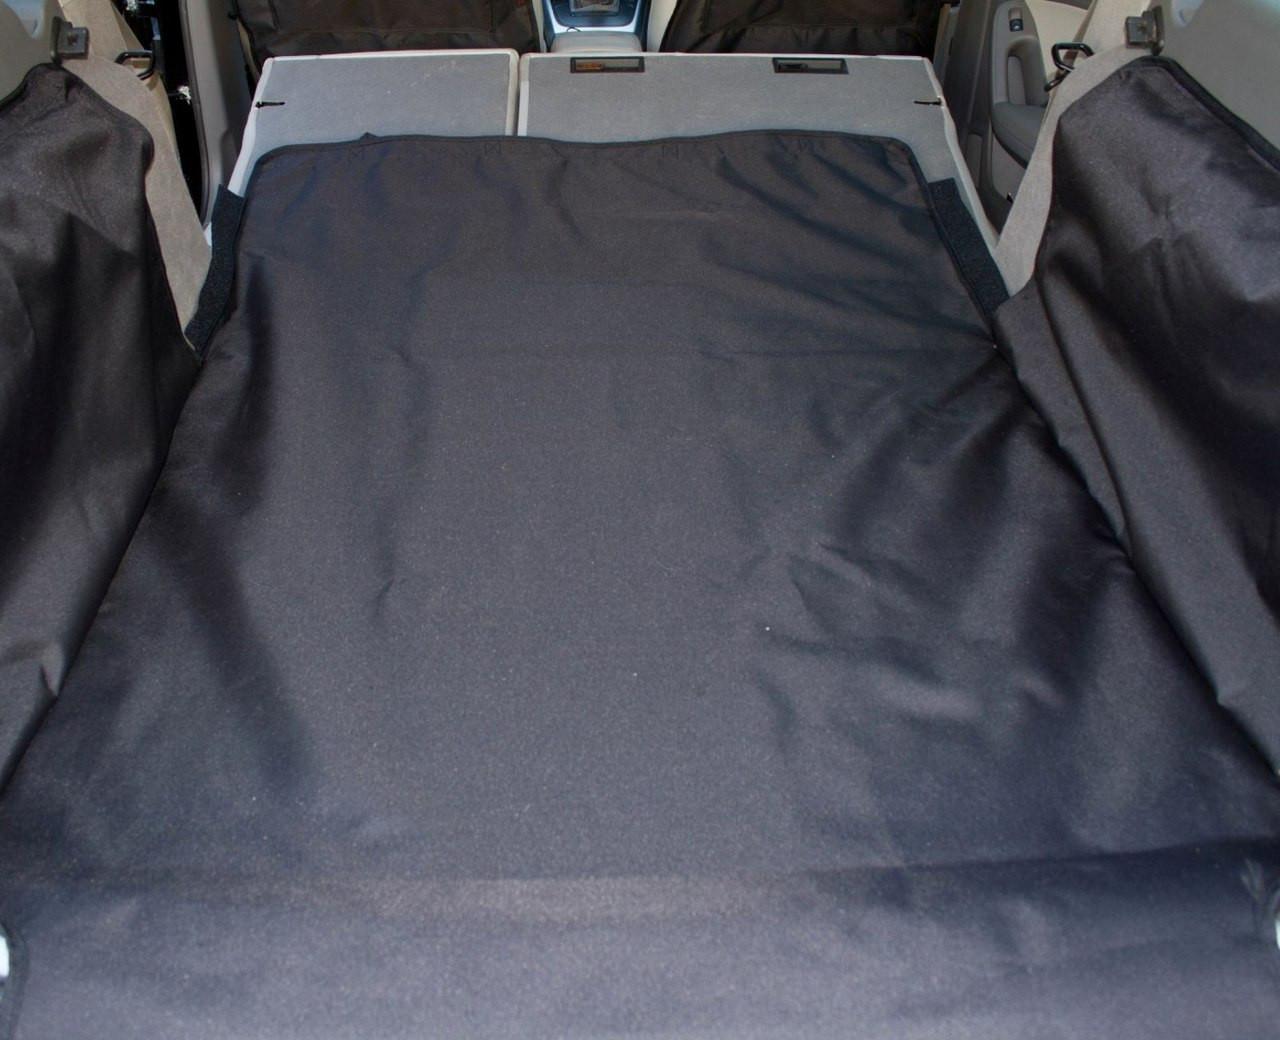 Seats Down